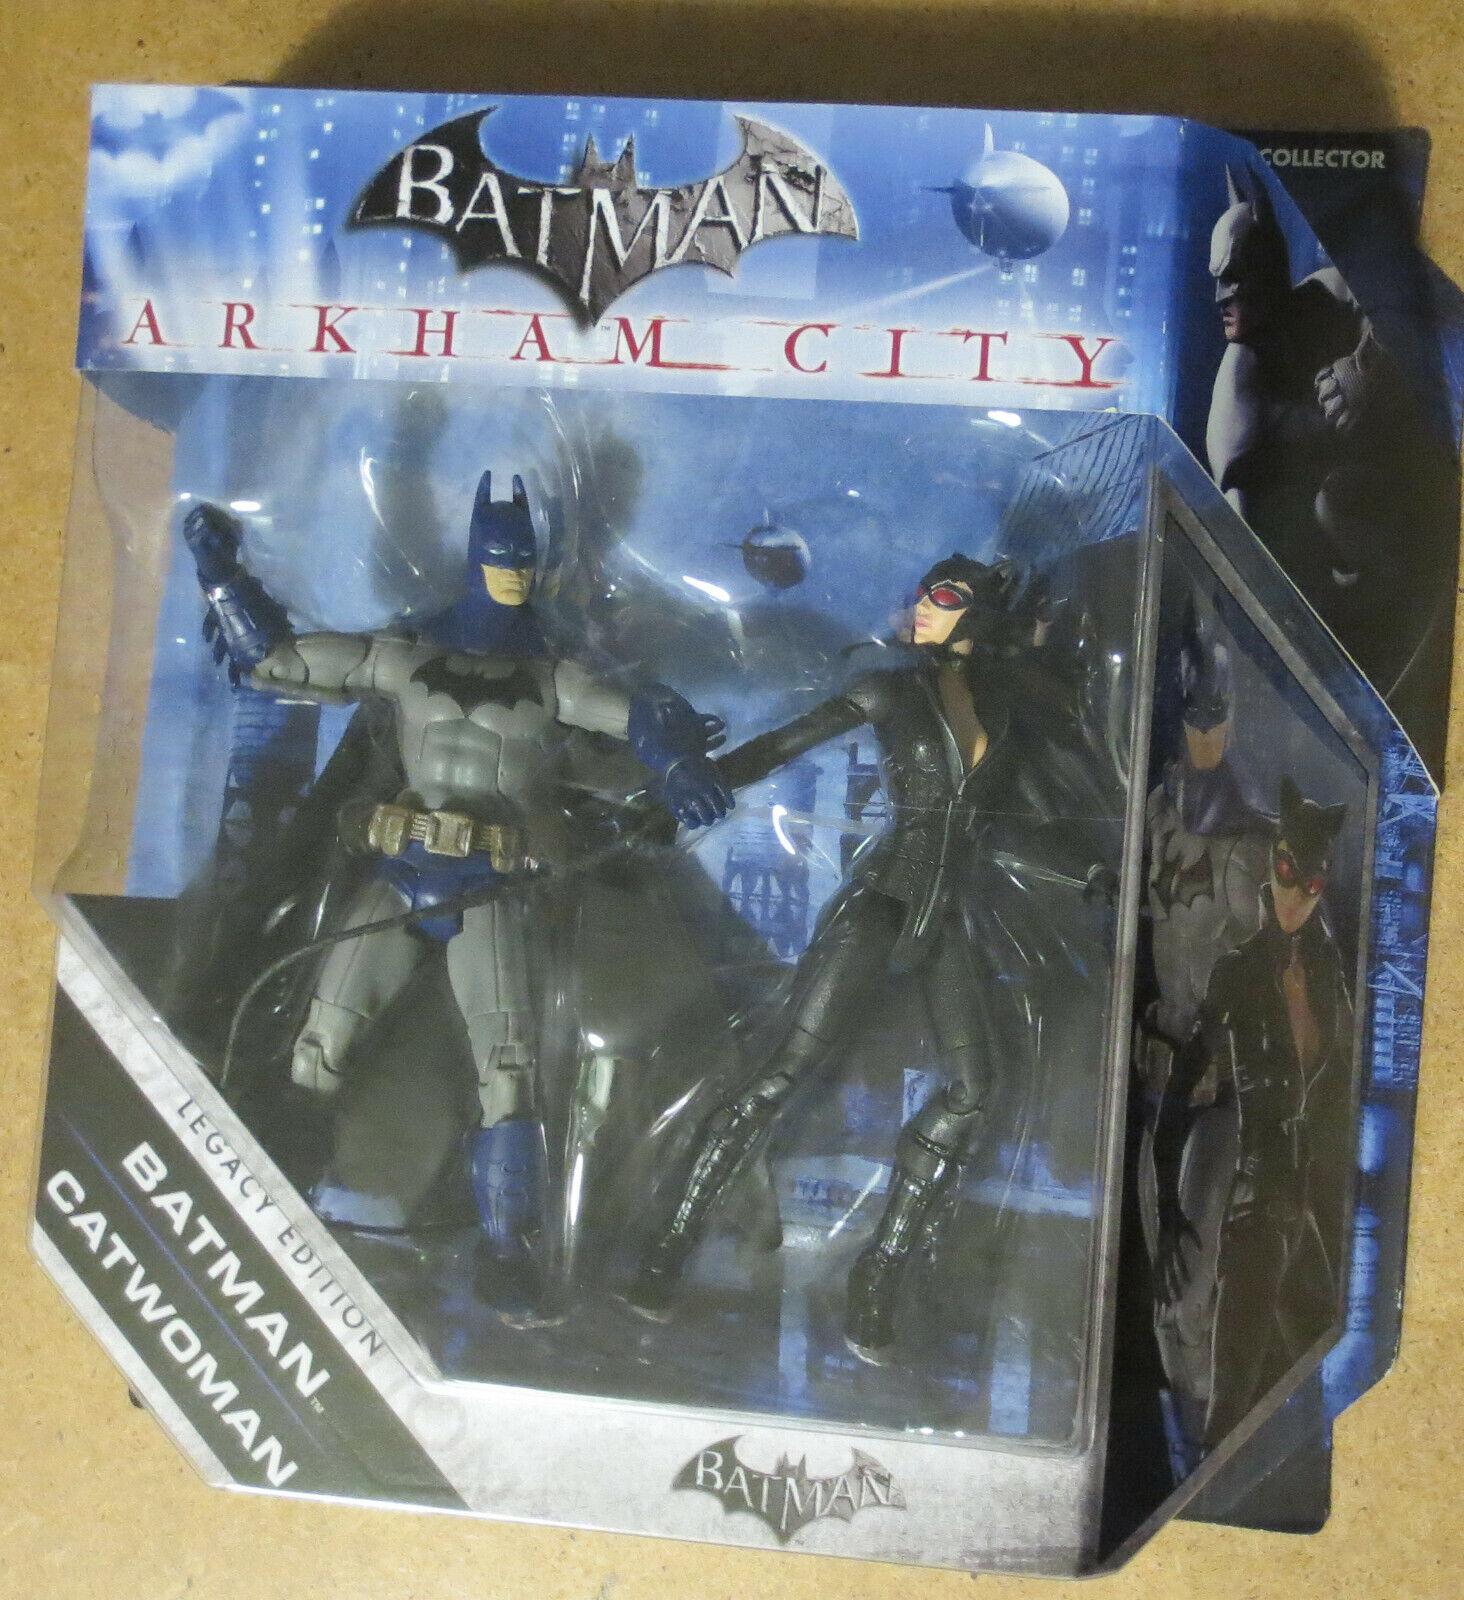 BATMAN CATWOMAN Arkham City Legacy Edition Series Mattel action figure DC Comics